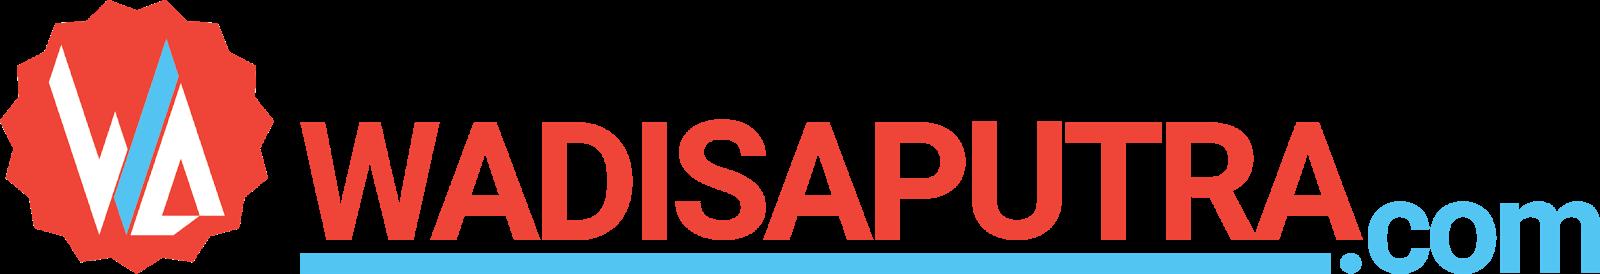 wadisaputra.com